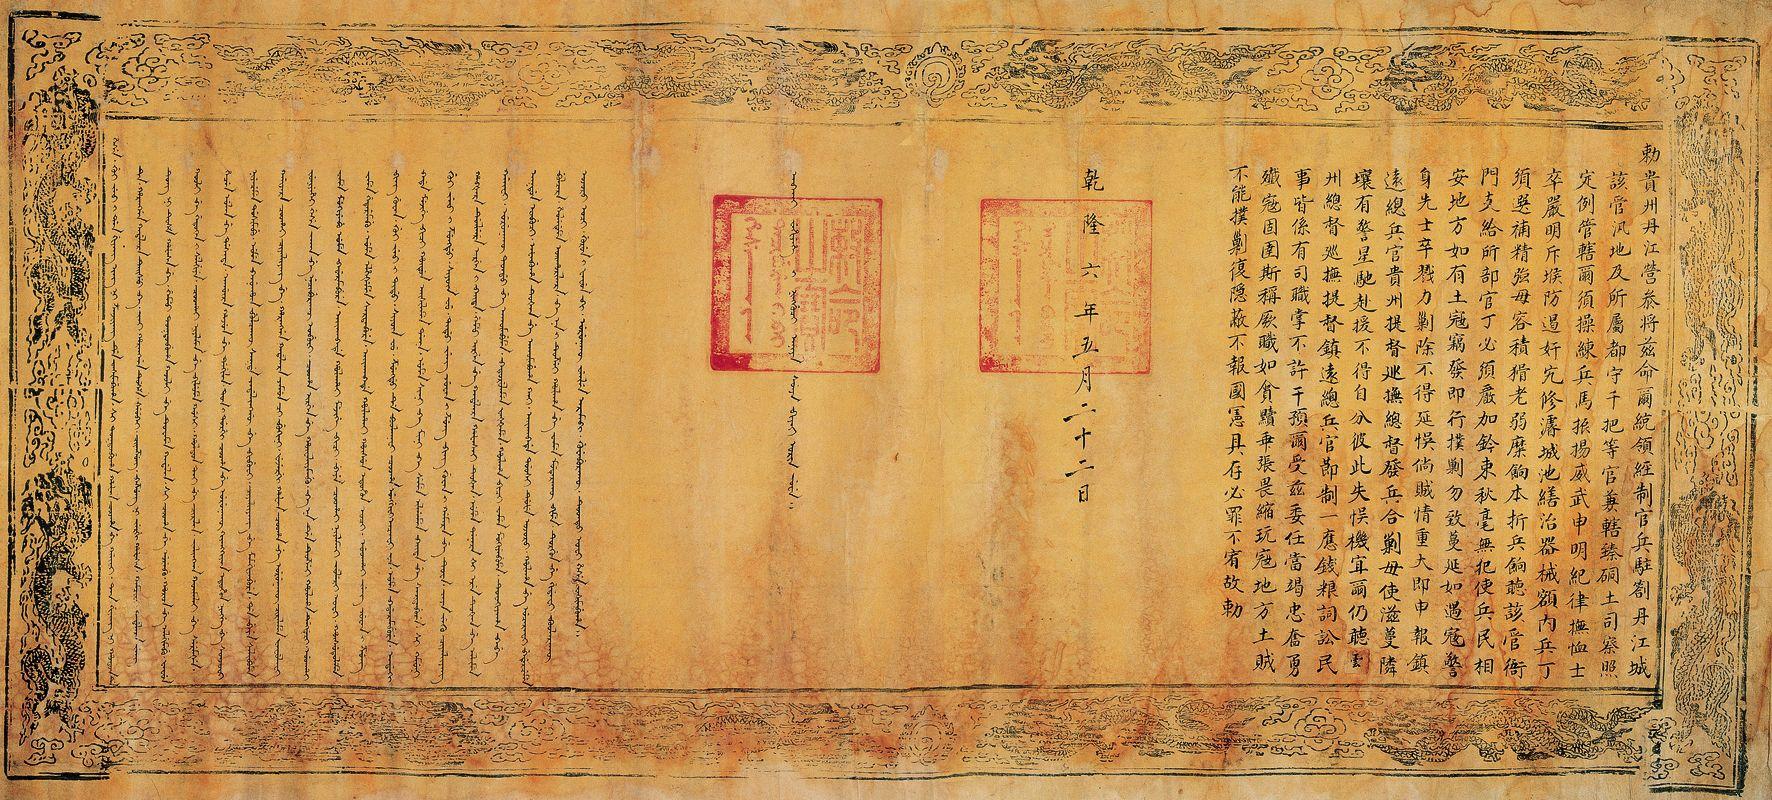 乾隆六年五月二十二日敕贵州丹江营参将统领经制官兵驻扎丹江城谕